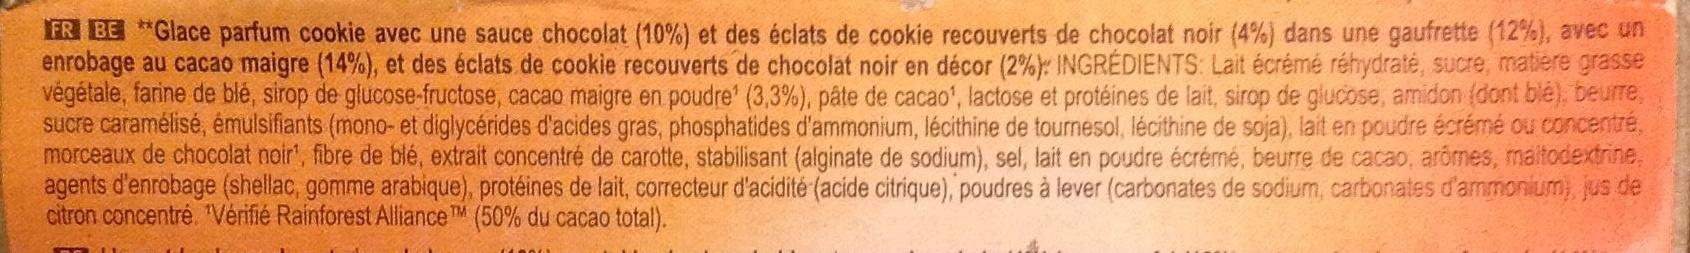 Cornetto Cookie - Inhaltsstoffe